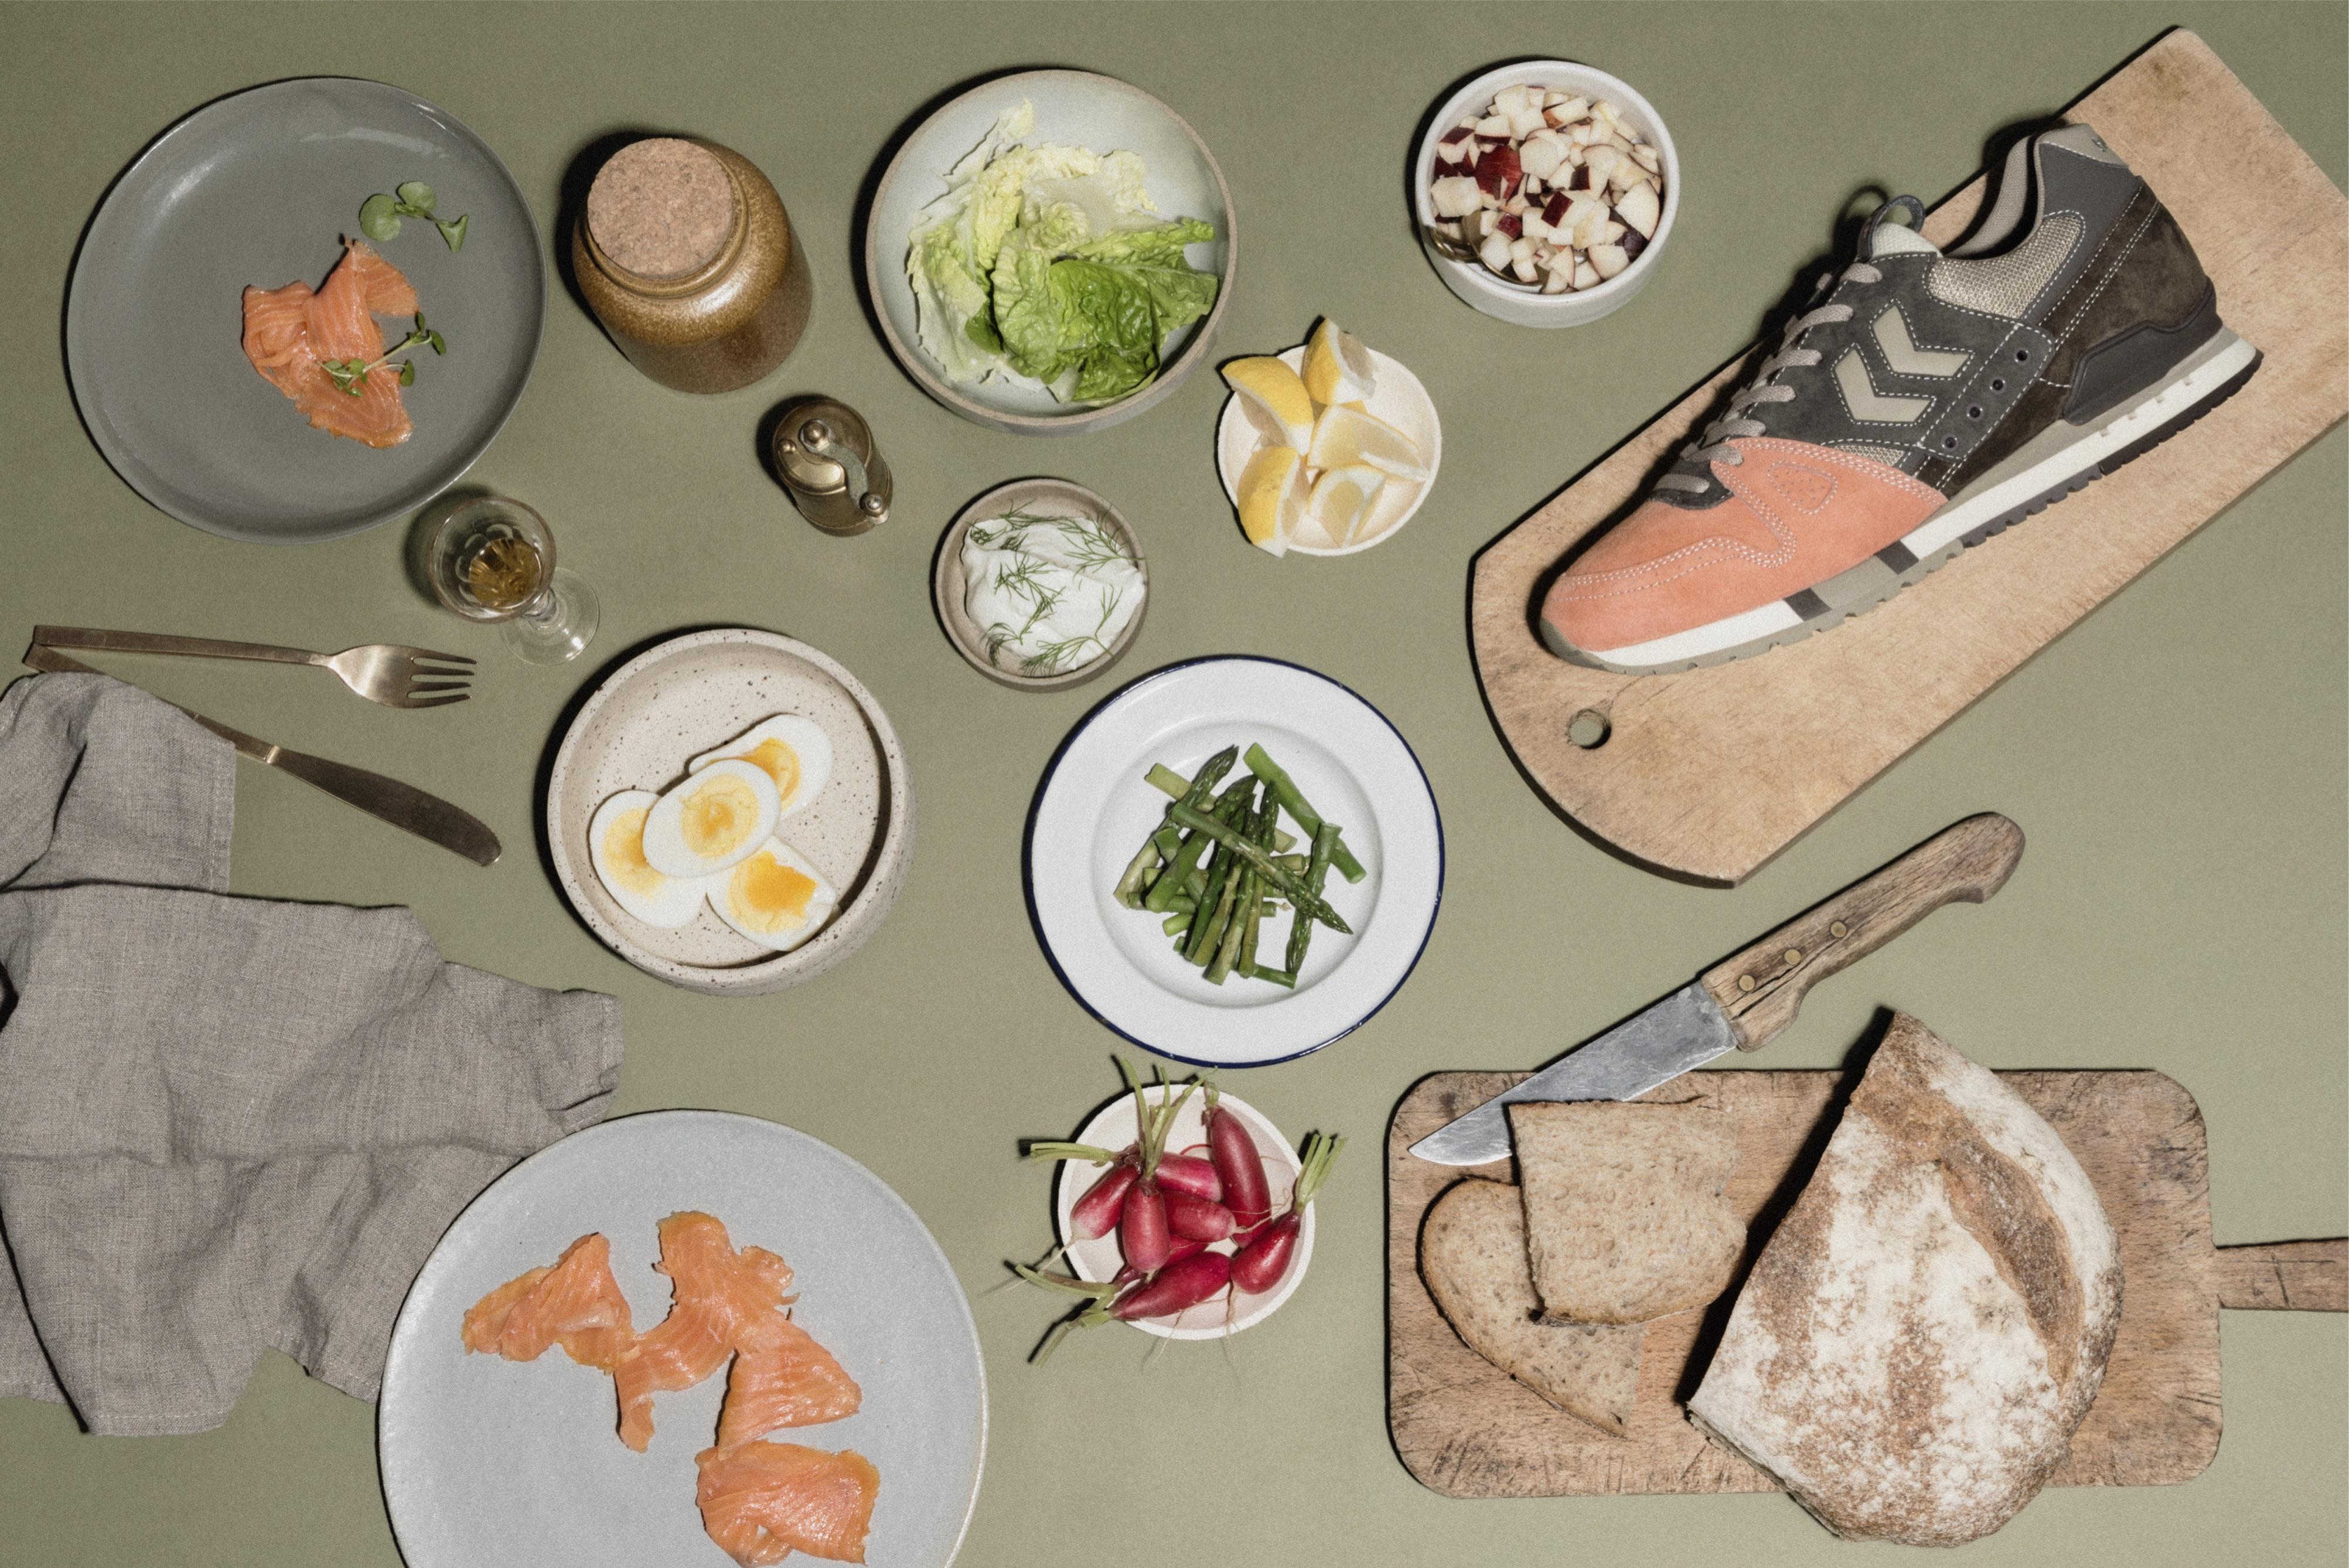 La Danish Salmon Marathona OG fraîchement imaginée par Hummel et Mita Sneakers